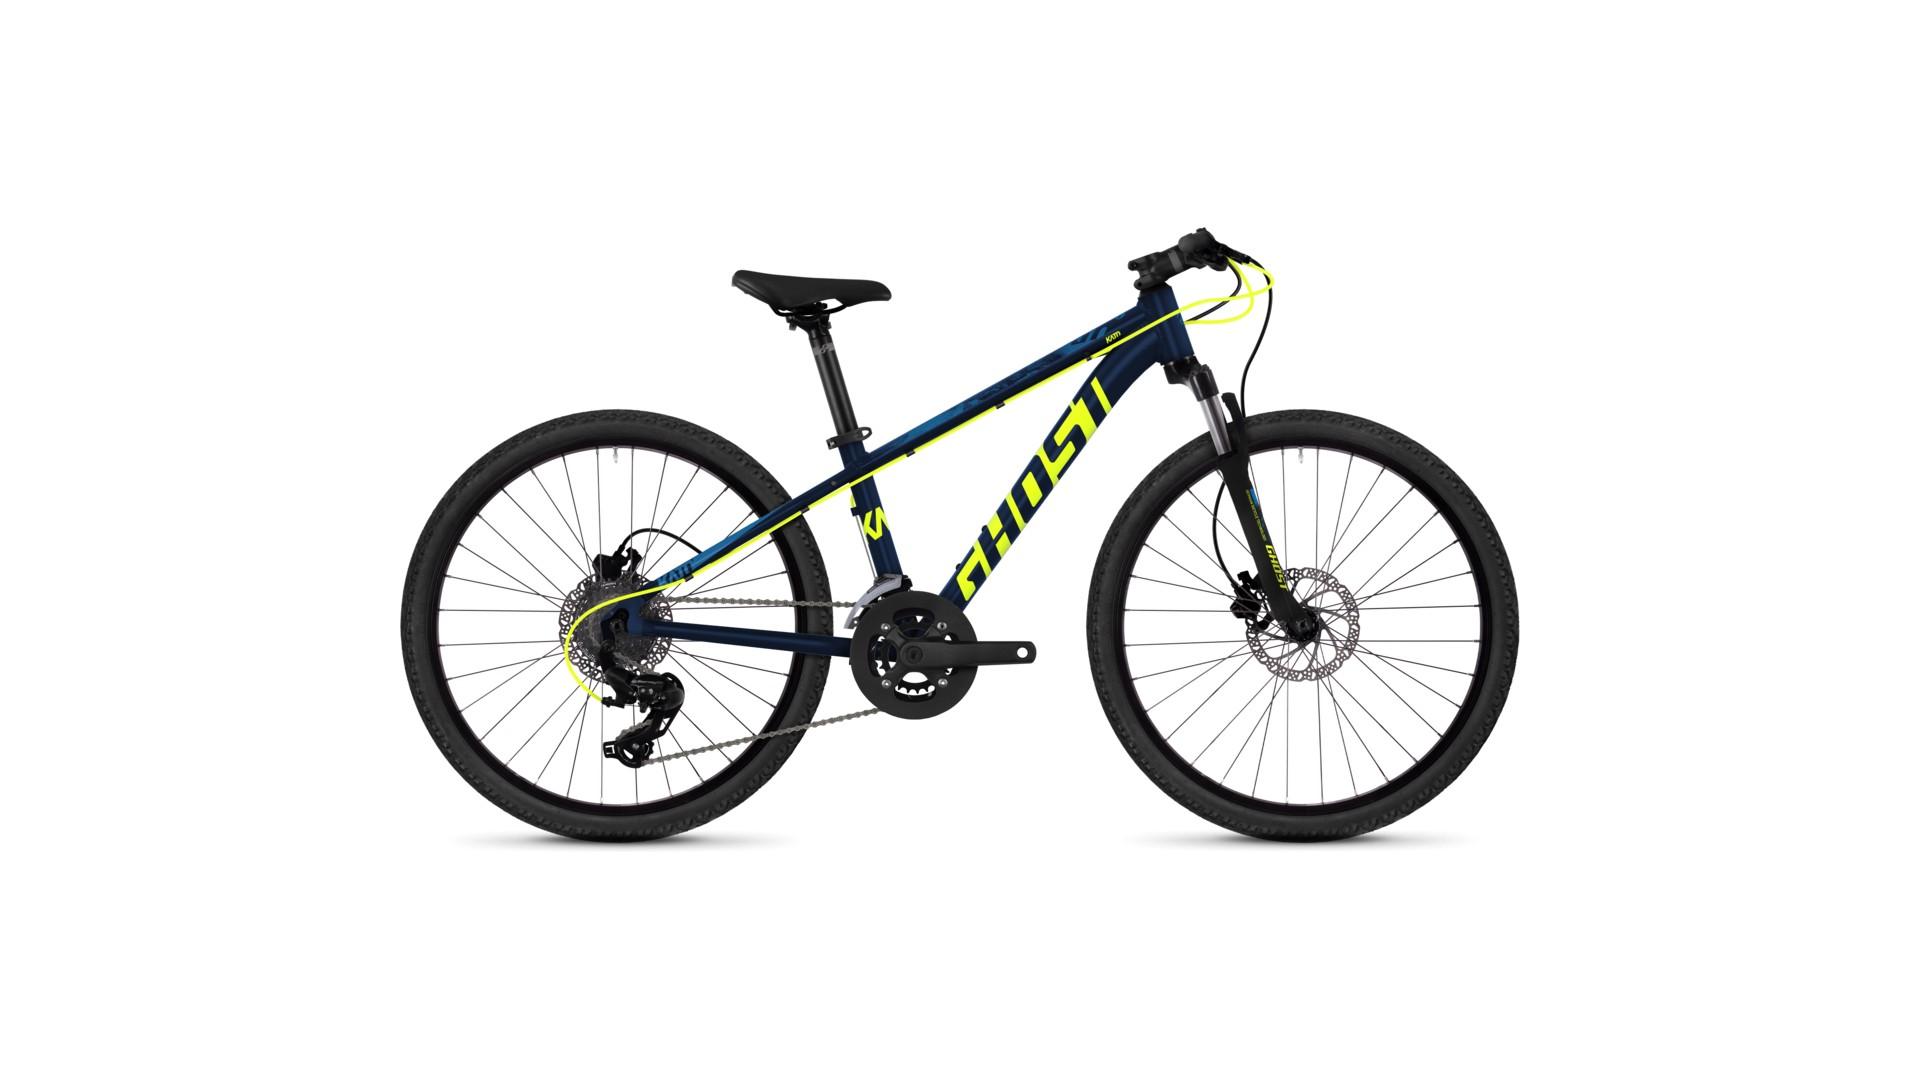 Велосипед GHOST Kato D4.4 AL U neon red / night black год 2018